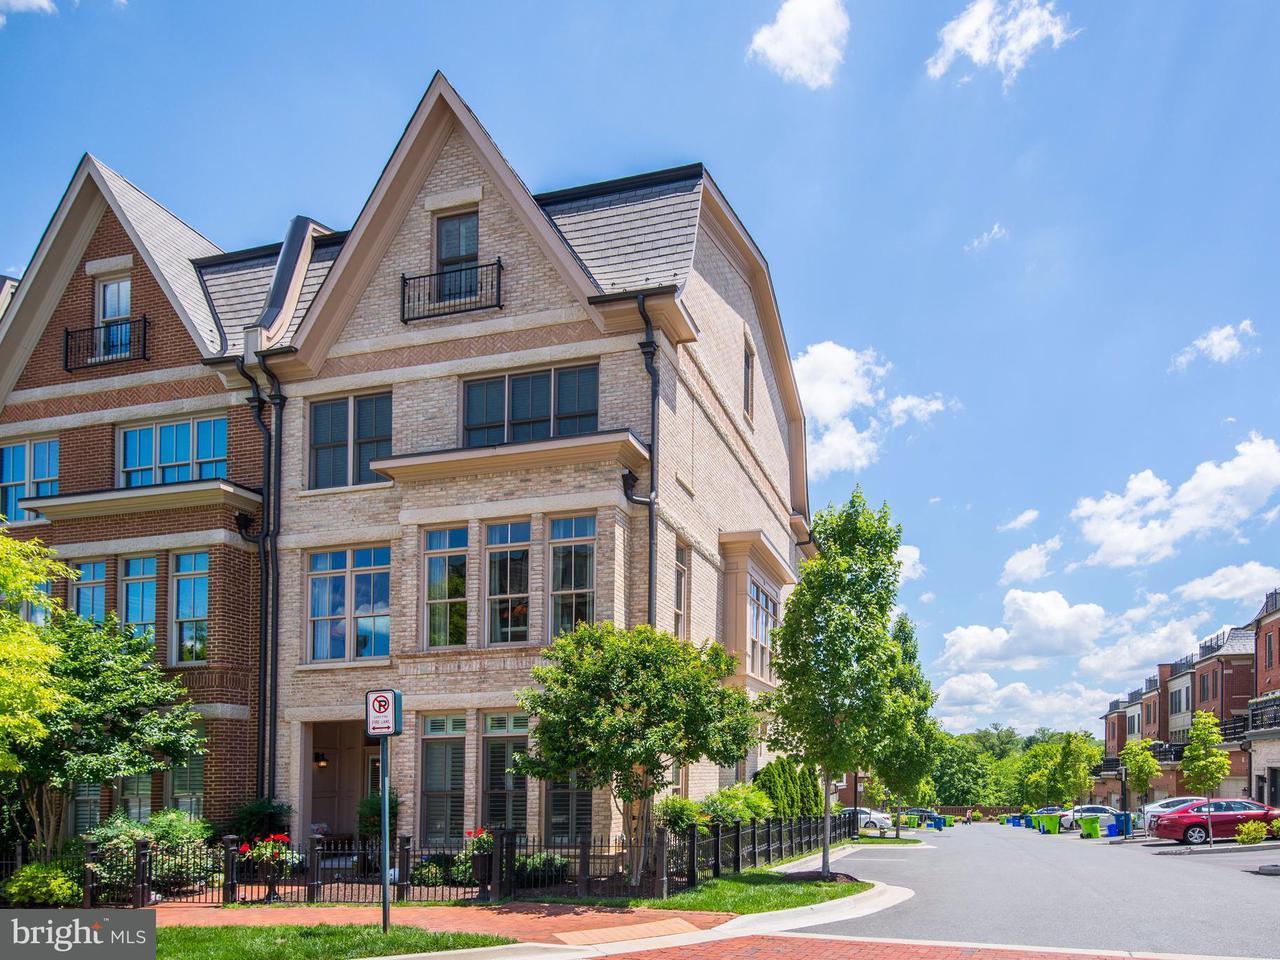 Σπίτι στην πόλη για την Πώληση στο 10887 Symphony Park Drive 10887 Symphony Park Drive North Bethesda, Μεριλαντ 20852 Ηνωμενεσ Πολιτειεσ